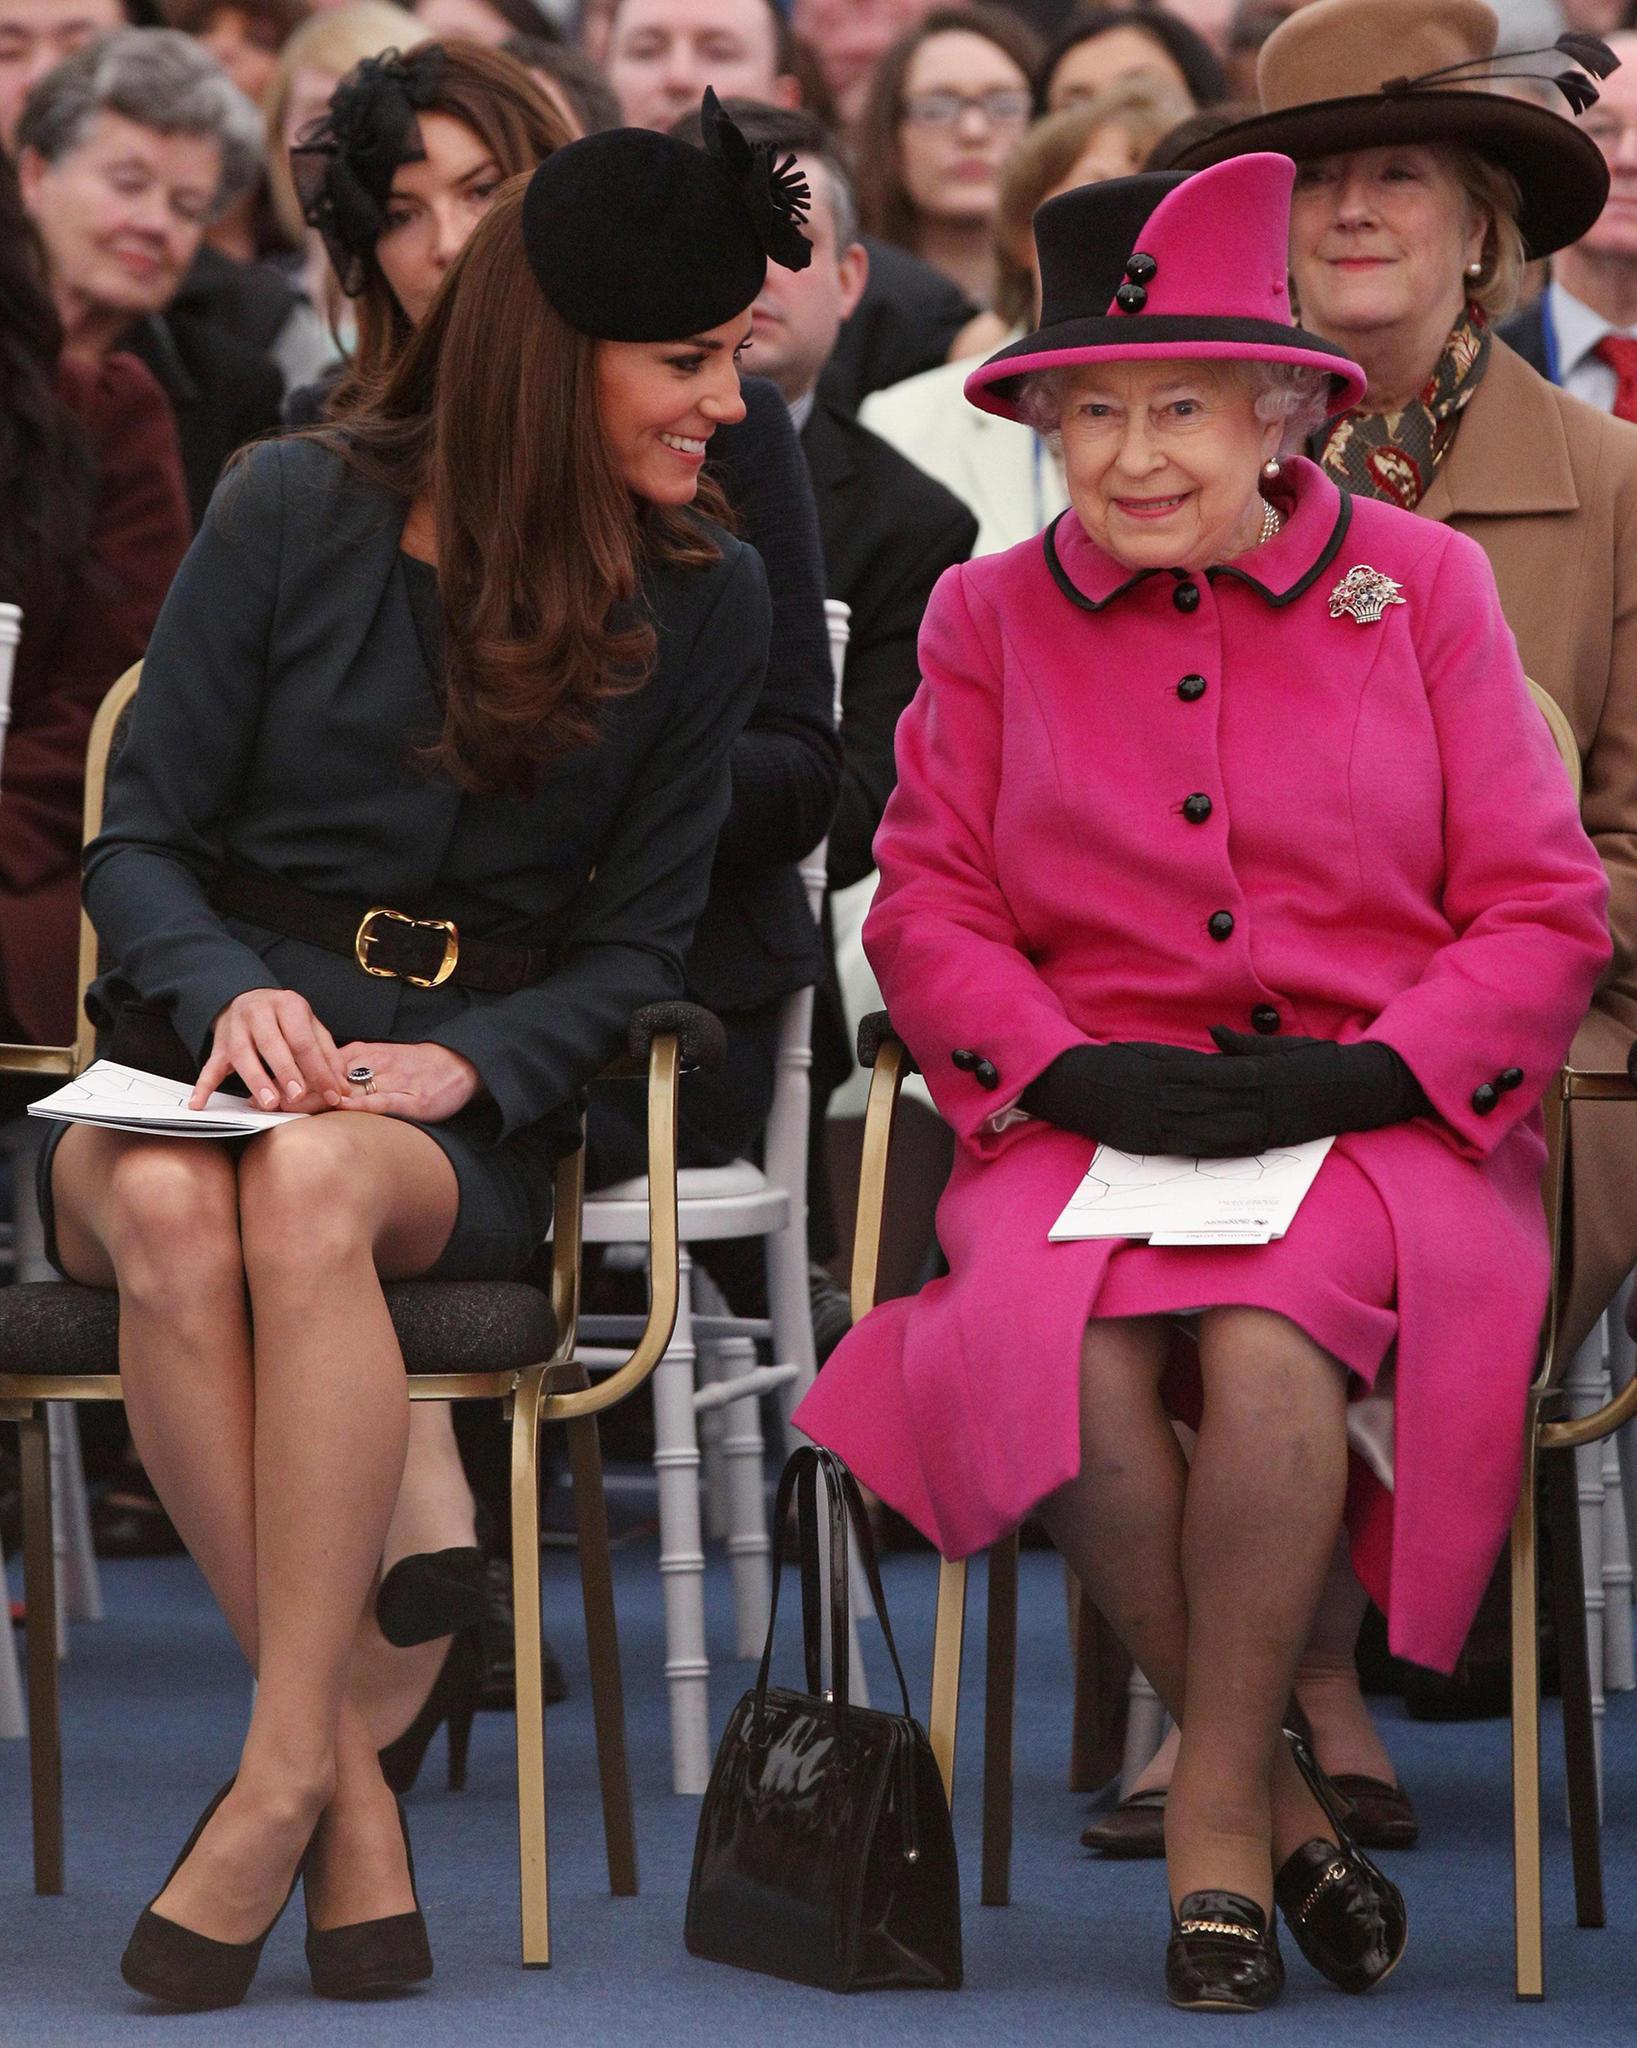 An der Seite von Herzogin Catherine scheint sich die Queen deutlich wohler zu fühlen. Die Tasche steht gut sichtbar auf der rechten Seite.